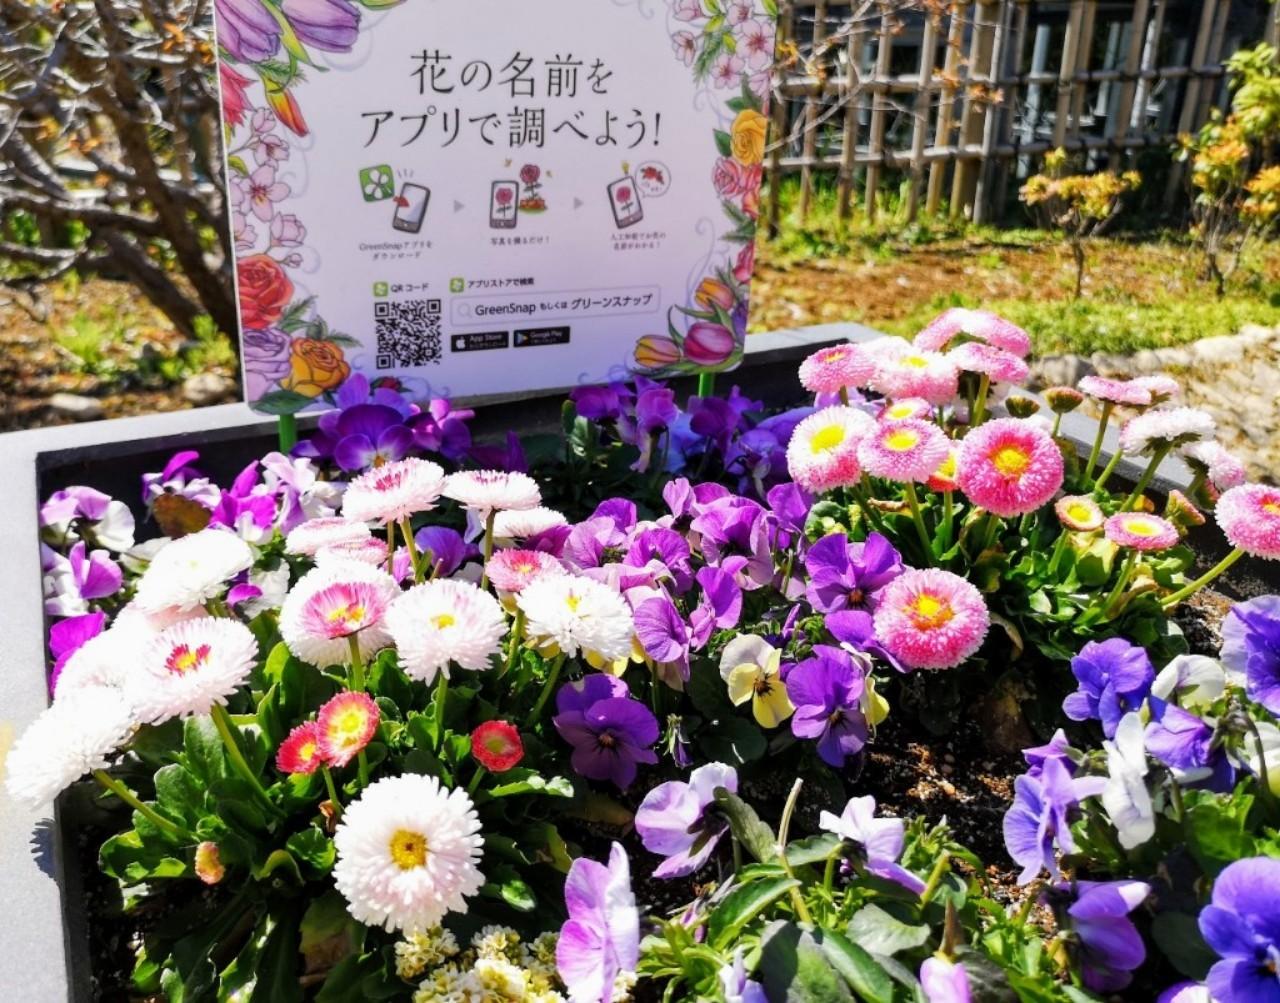 里山ガーデンアプリ